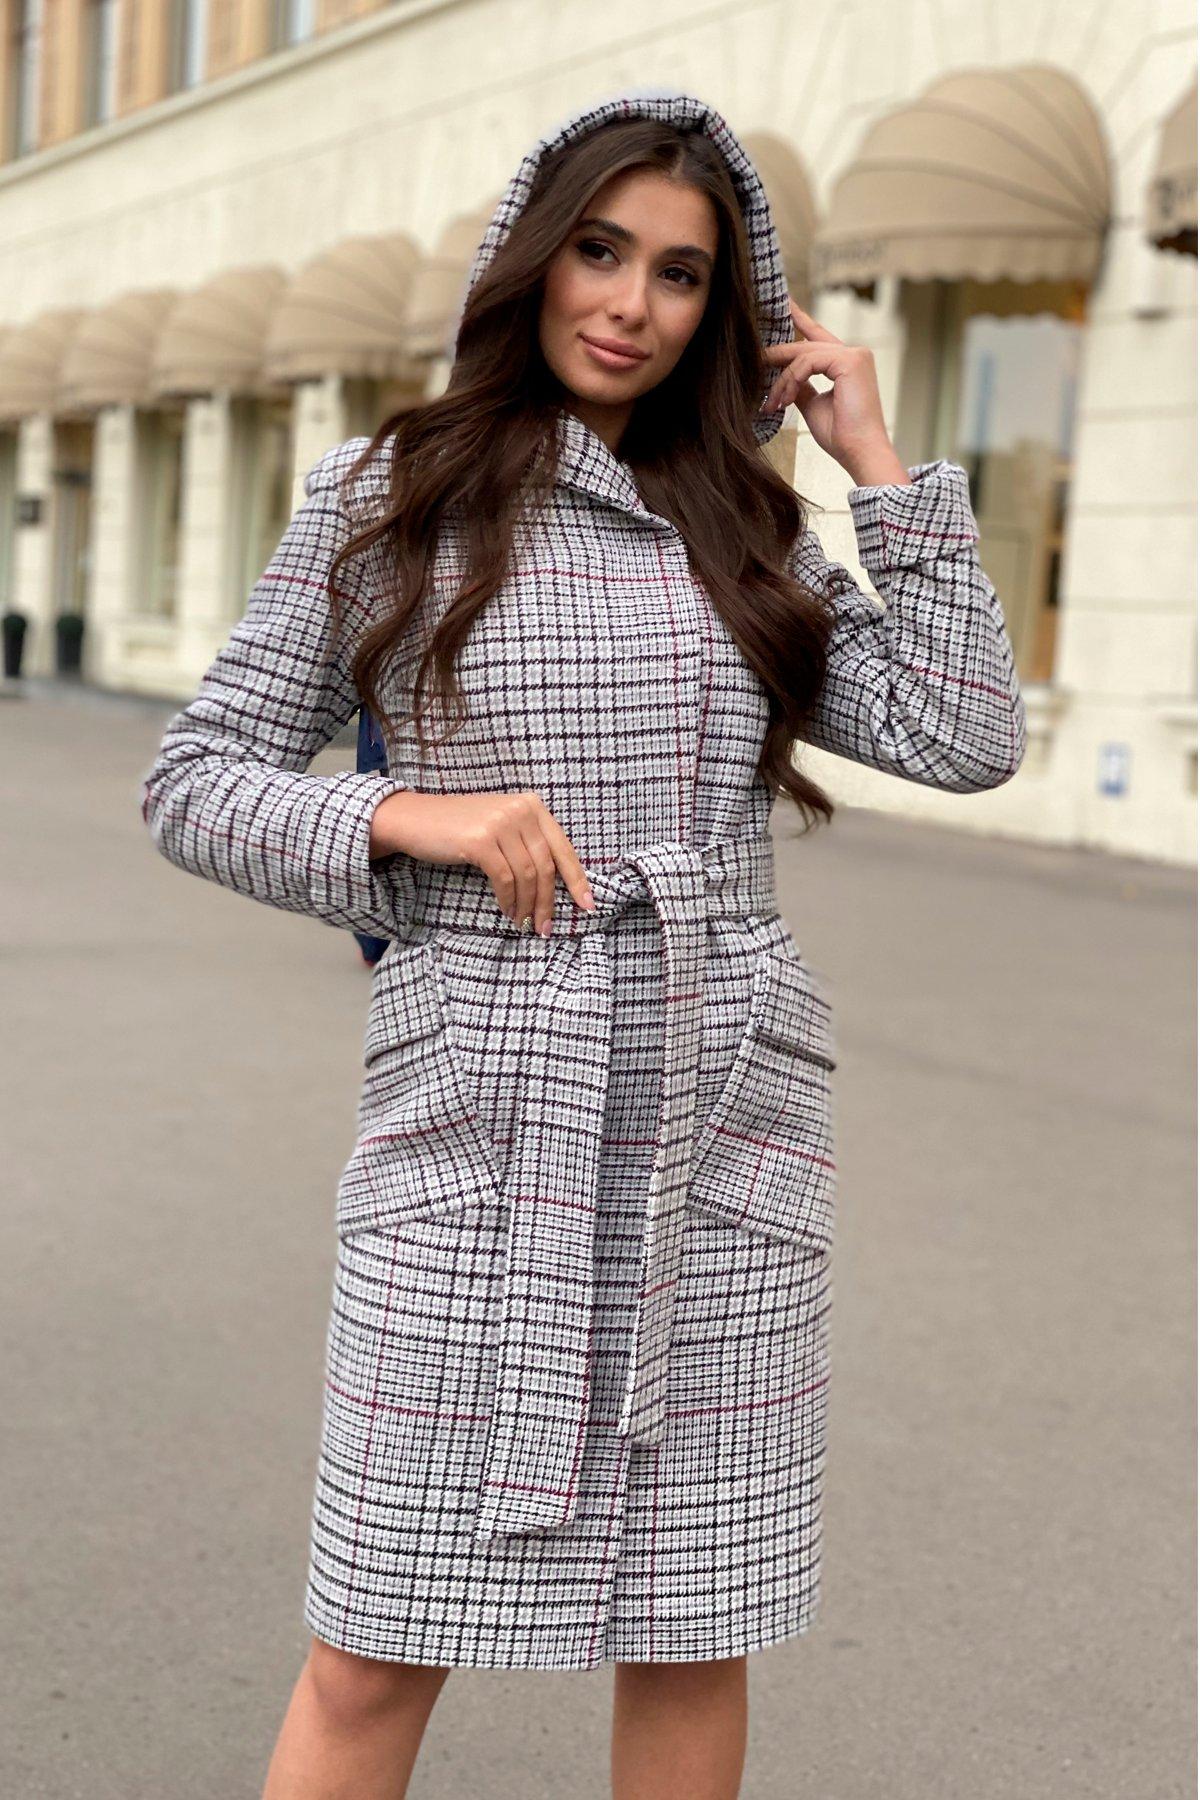 Зимнее пальто в стильную клетку Анджи 8276 АРТ. 44724 Цвет: Клетка кр черн/сер/вин - фото 15, интернет магазин tm-modus.ru